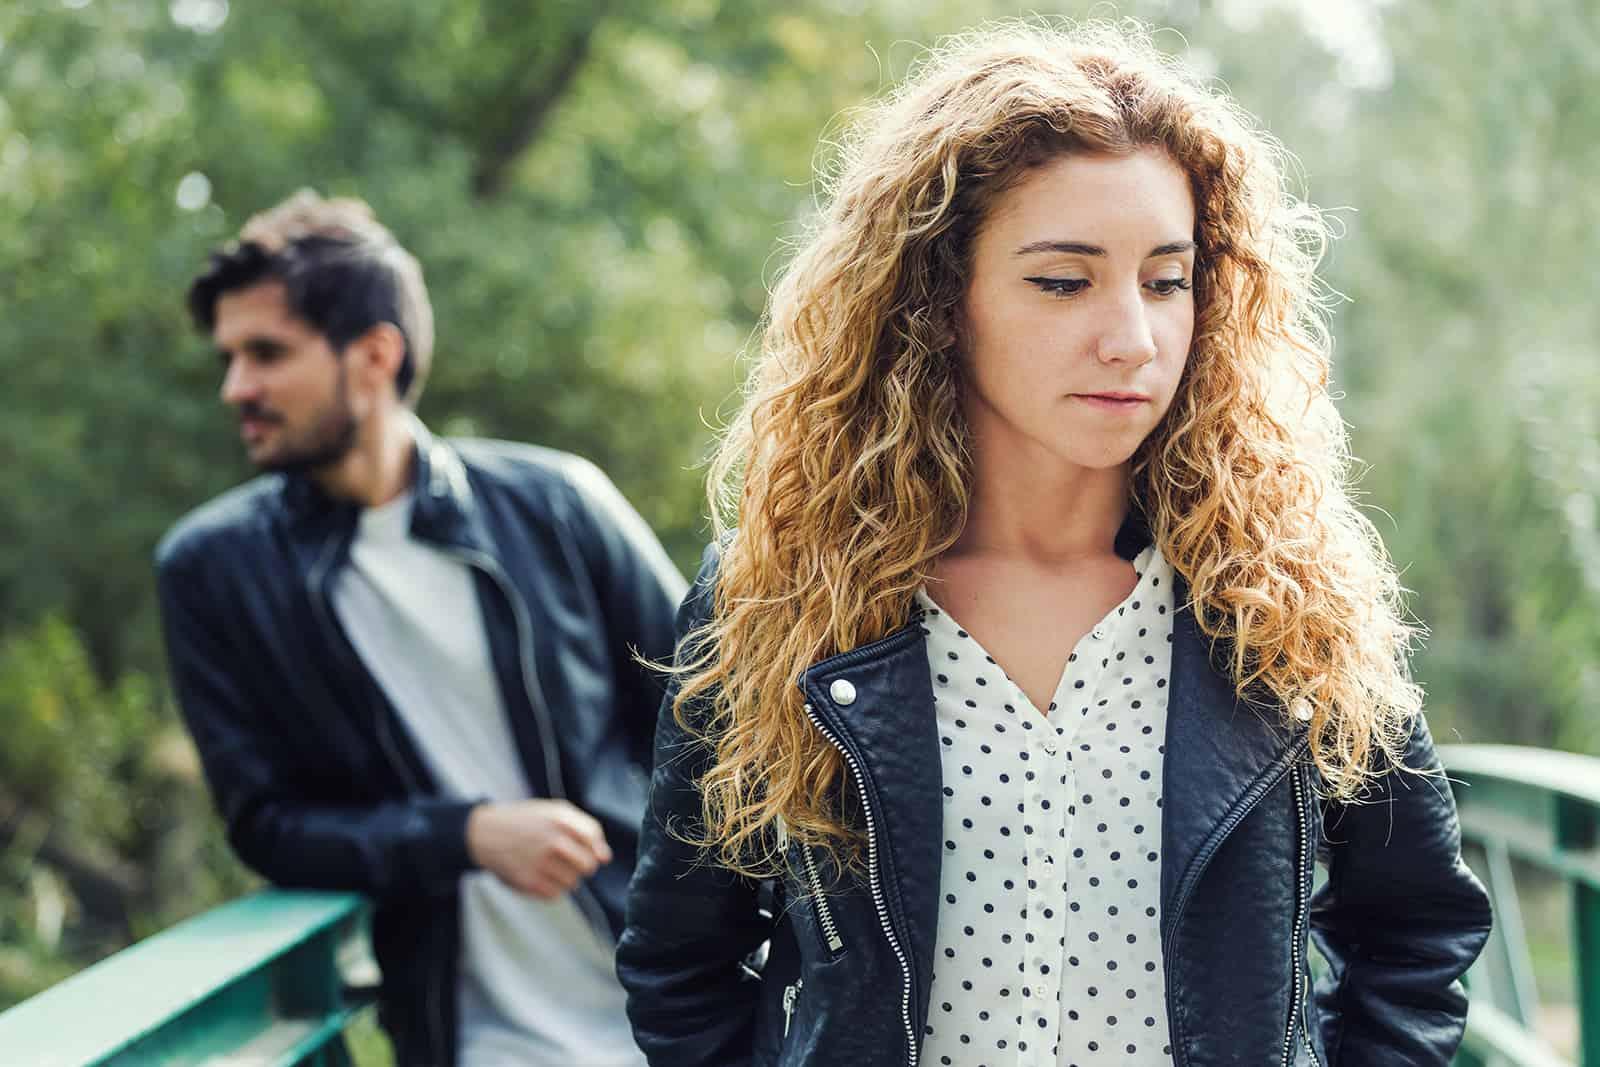 eine nachdenkliche Frau geht vor ihrem Freund auf der Brücke